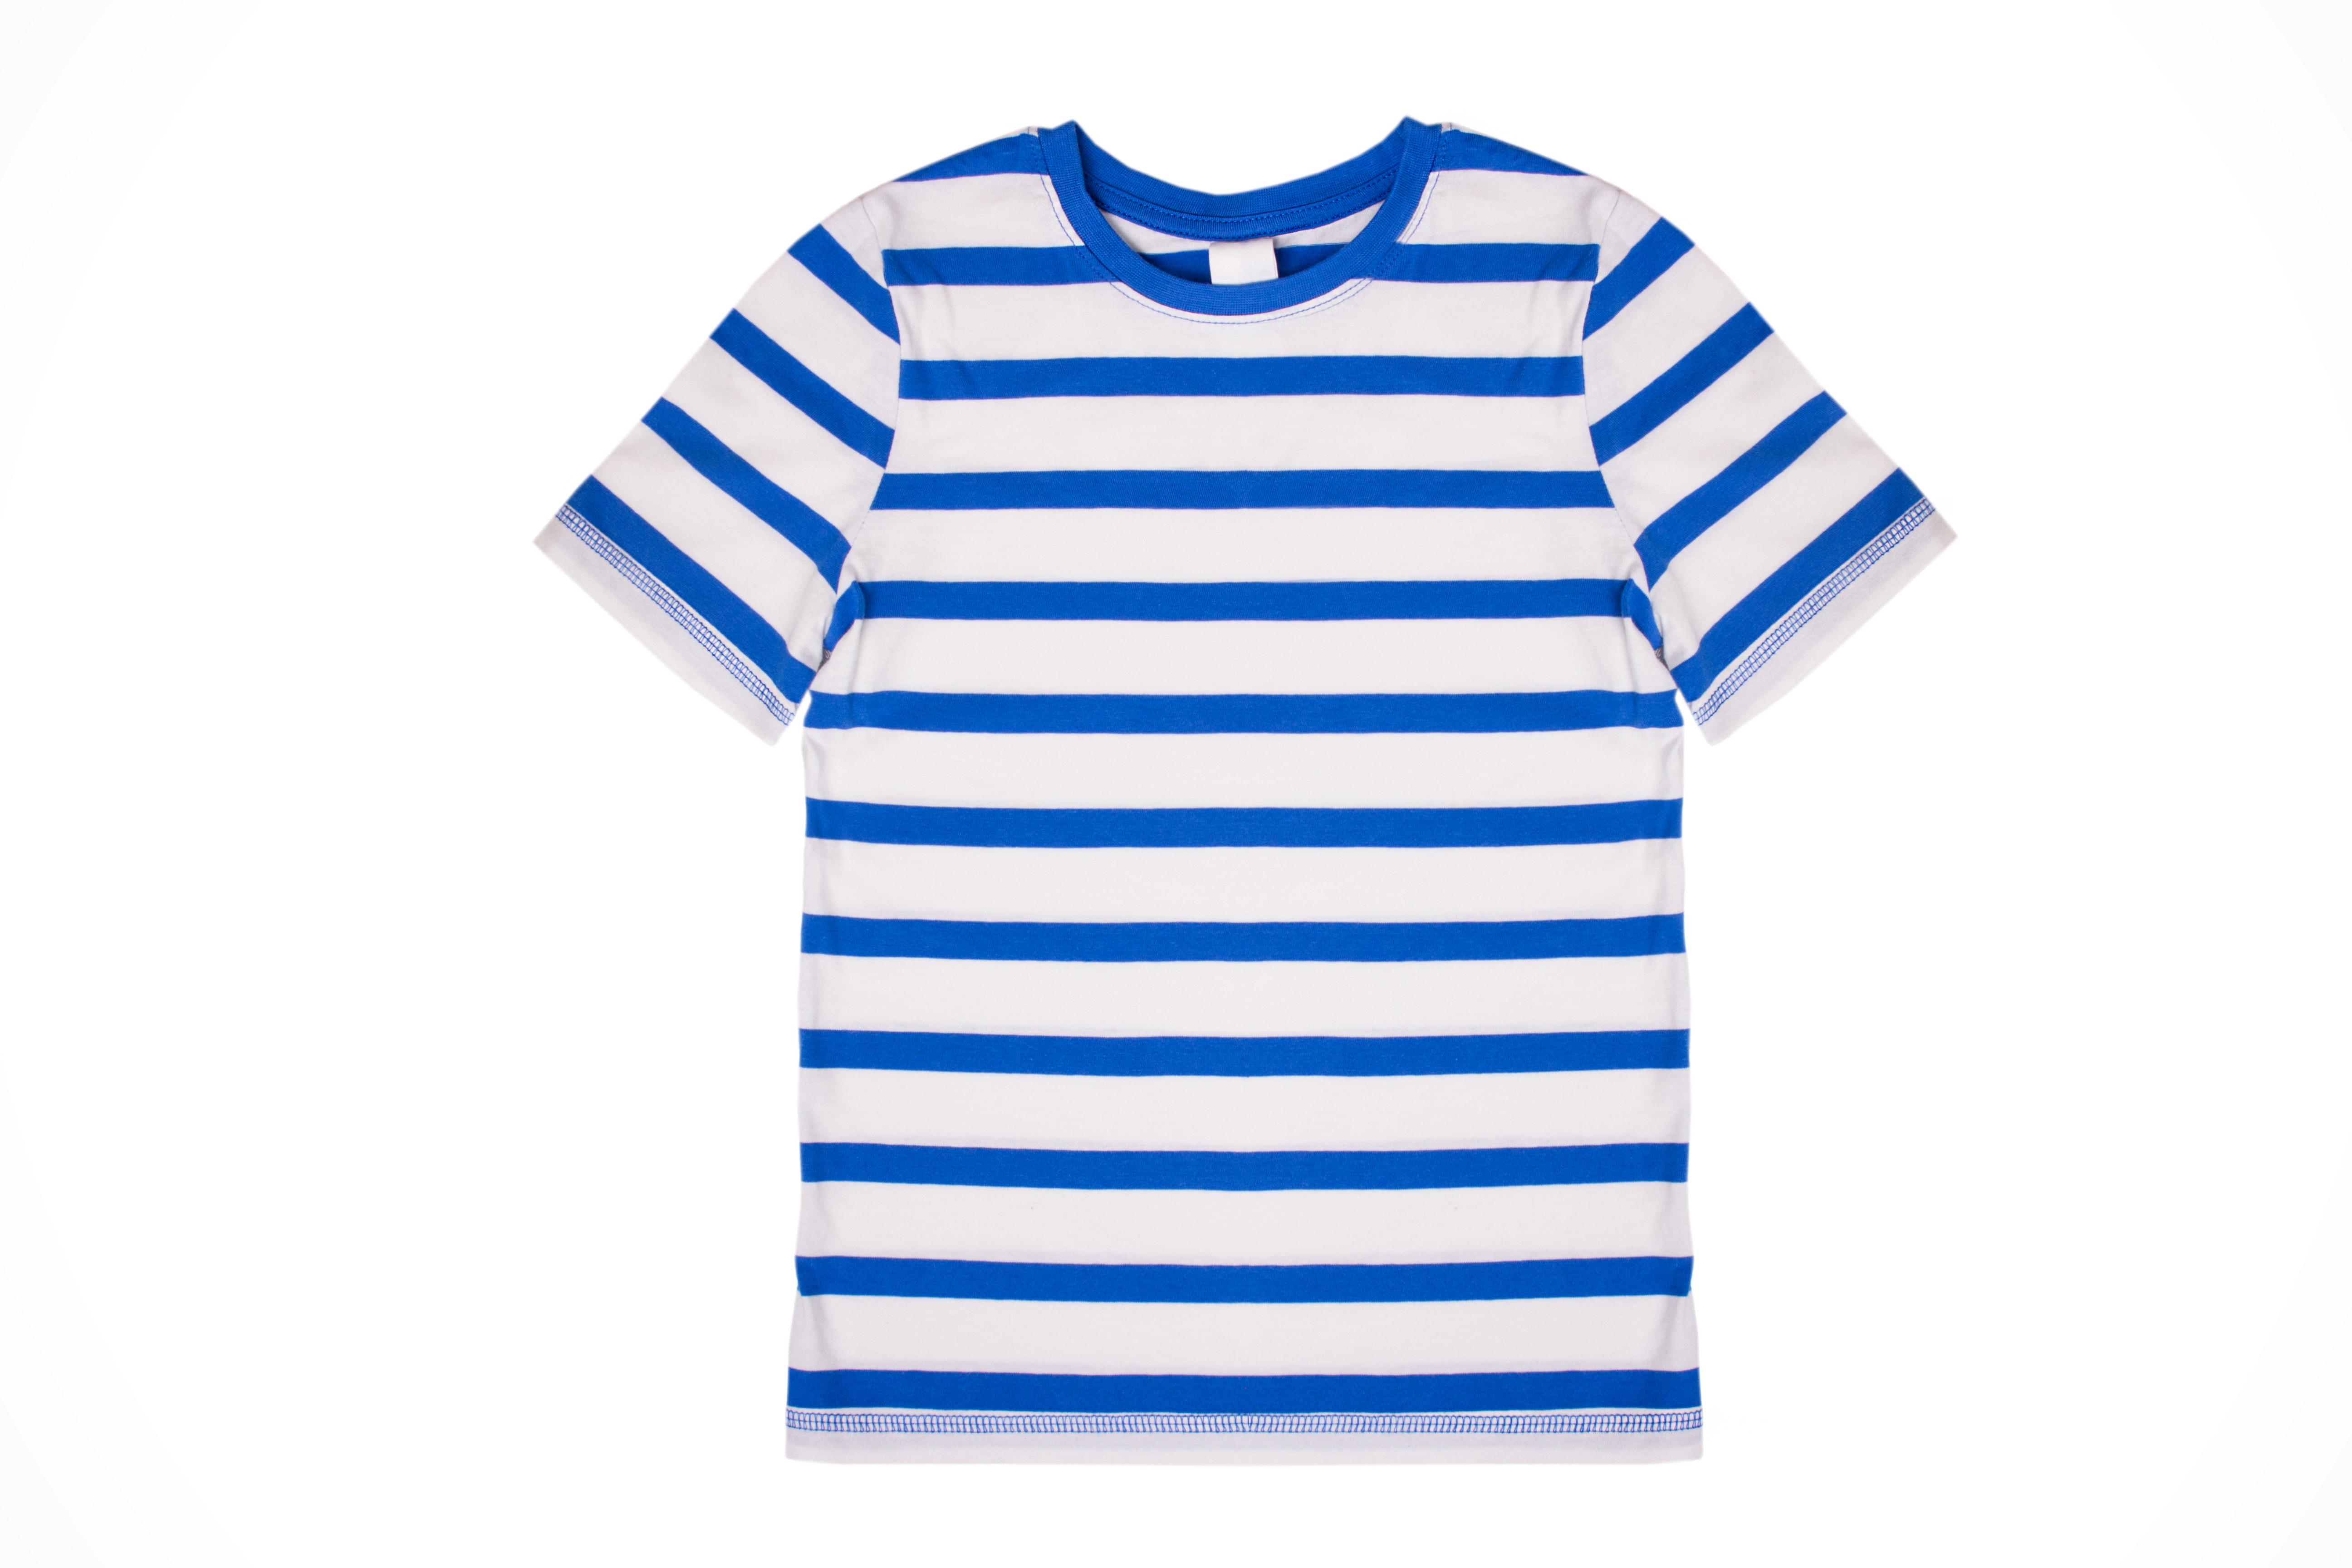 Bespoke kids T-Shirts